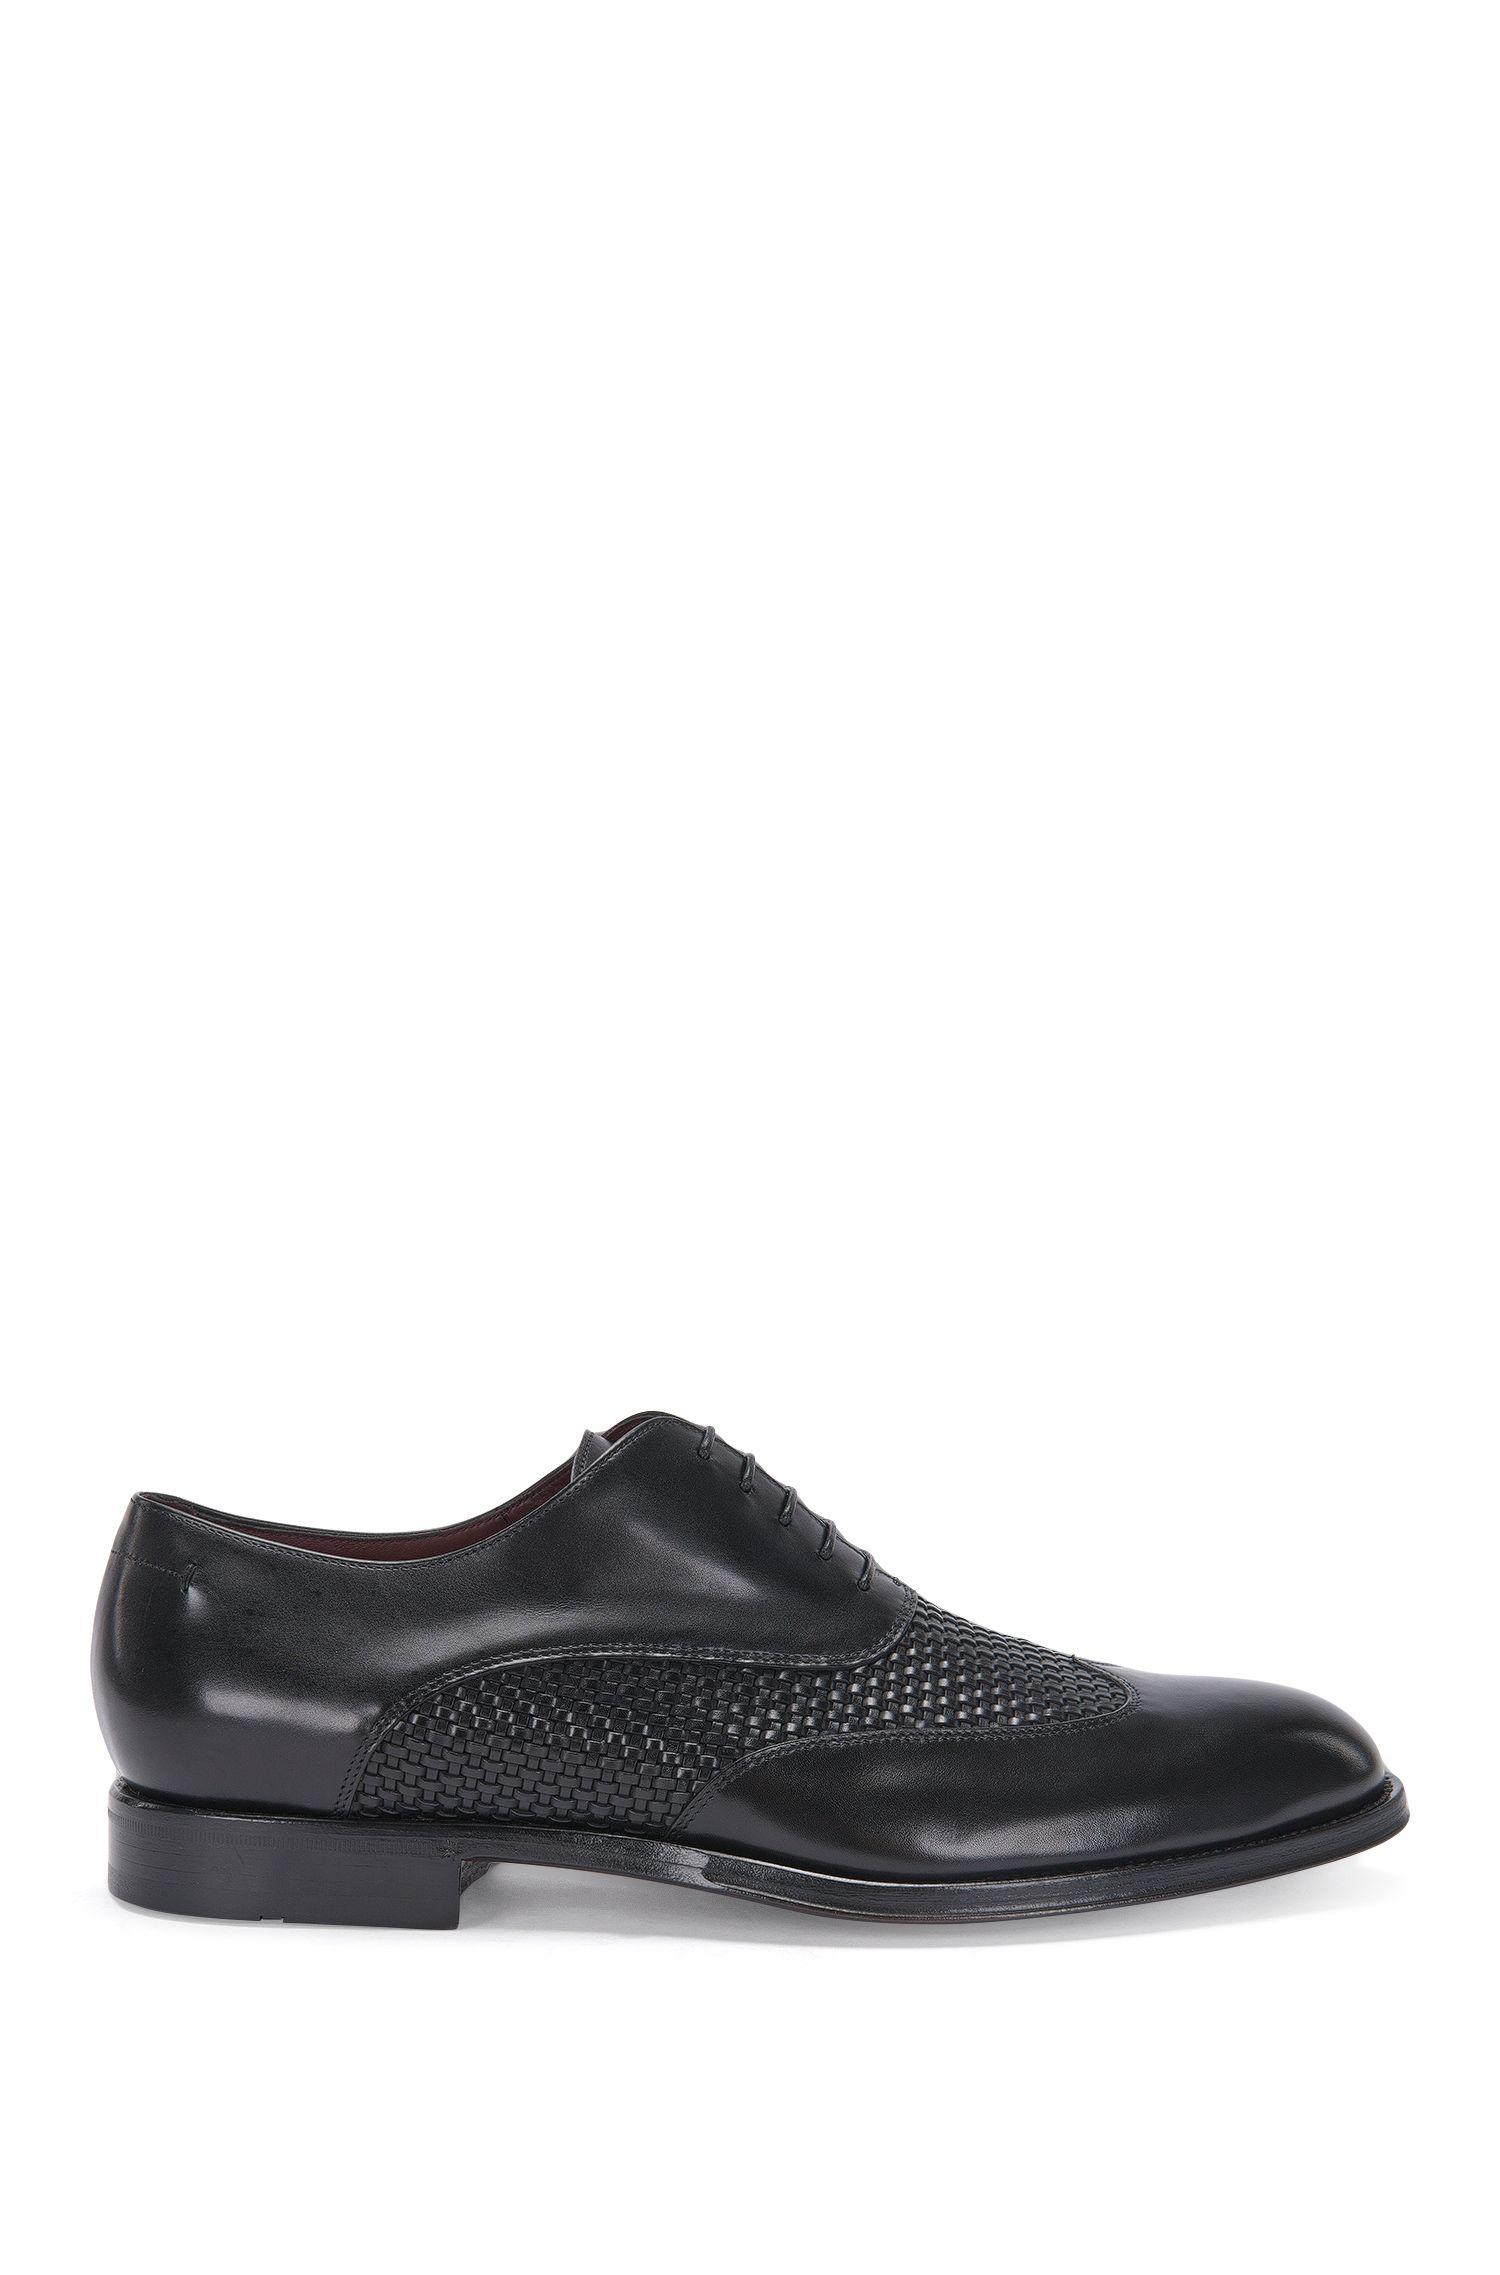 Zapatos de cordón estilo sastrería en piel con textura tejida: 'T-Idol_Oxfr_wowt'